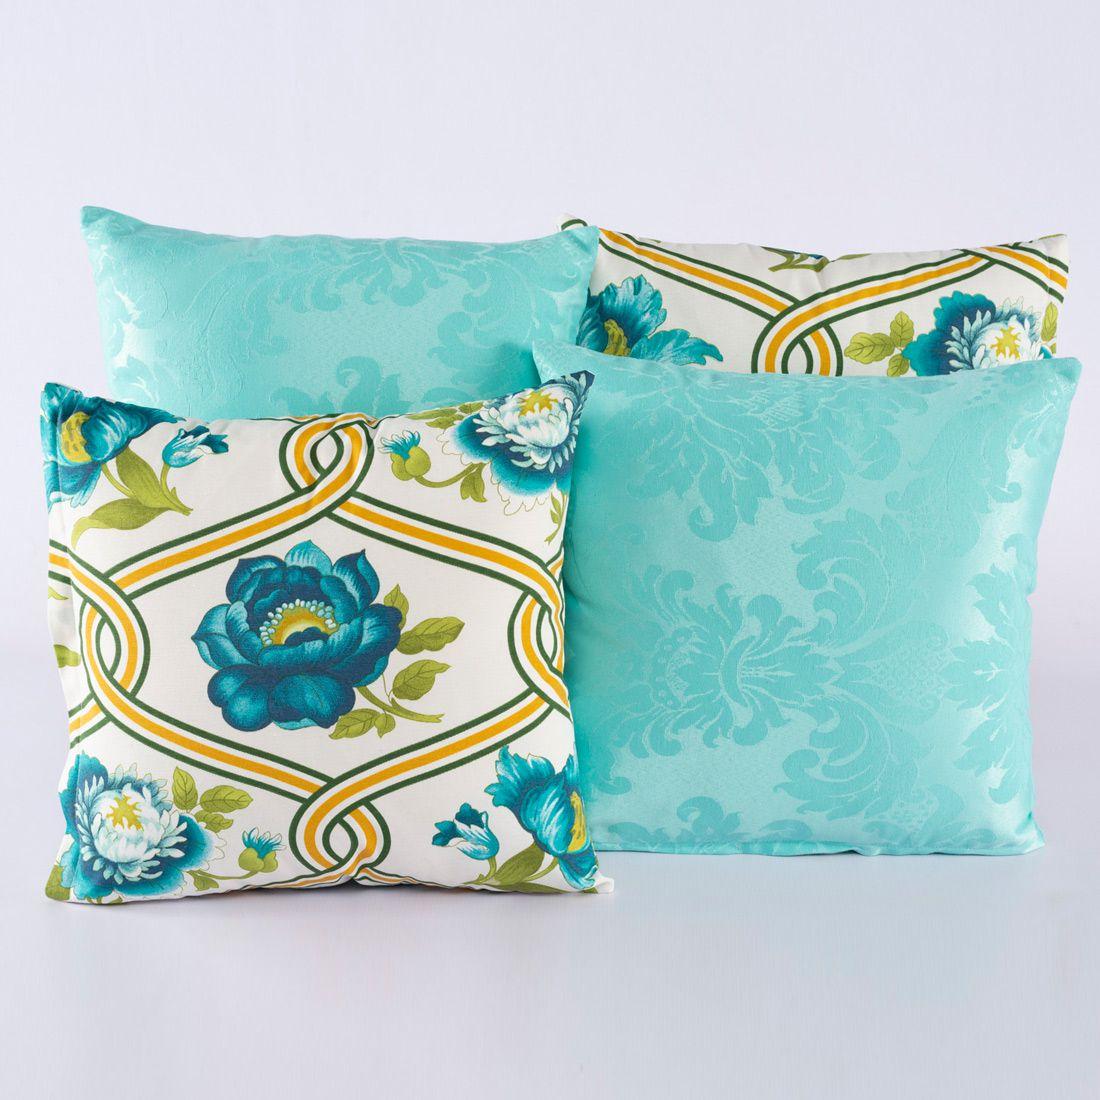 Kit c/ 4 Almofadas Cheias Decorativas Floral Azul/Turquesa 04 Peças c/ Refil